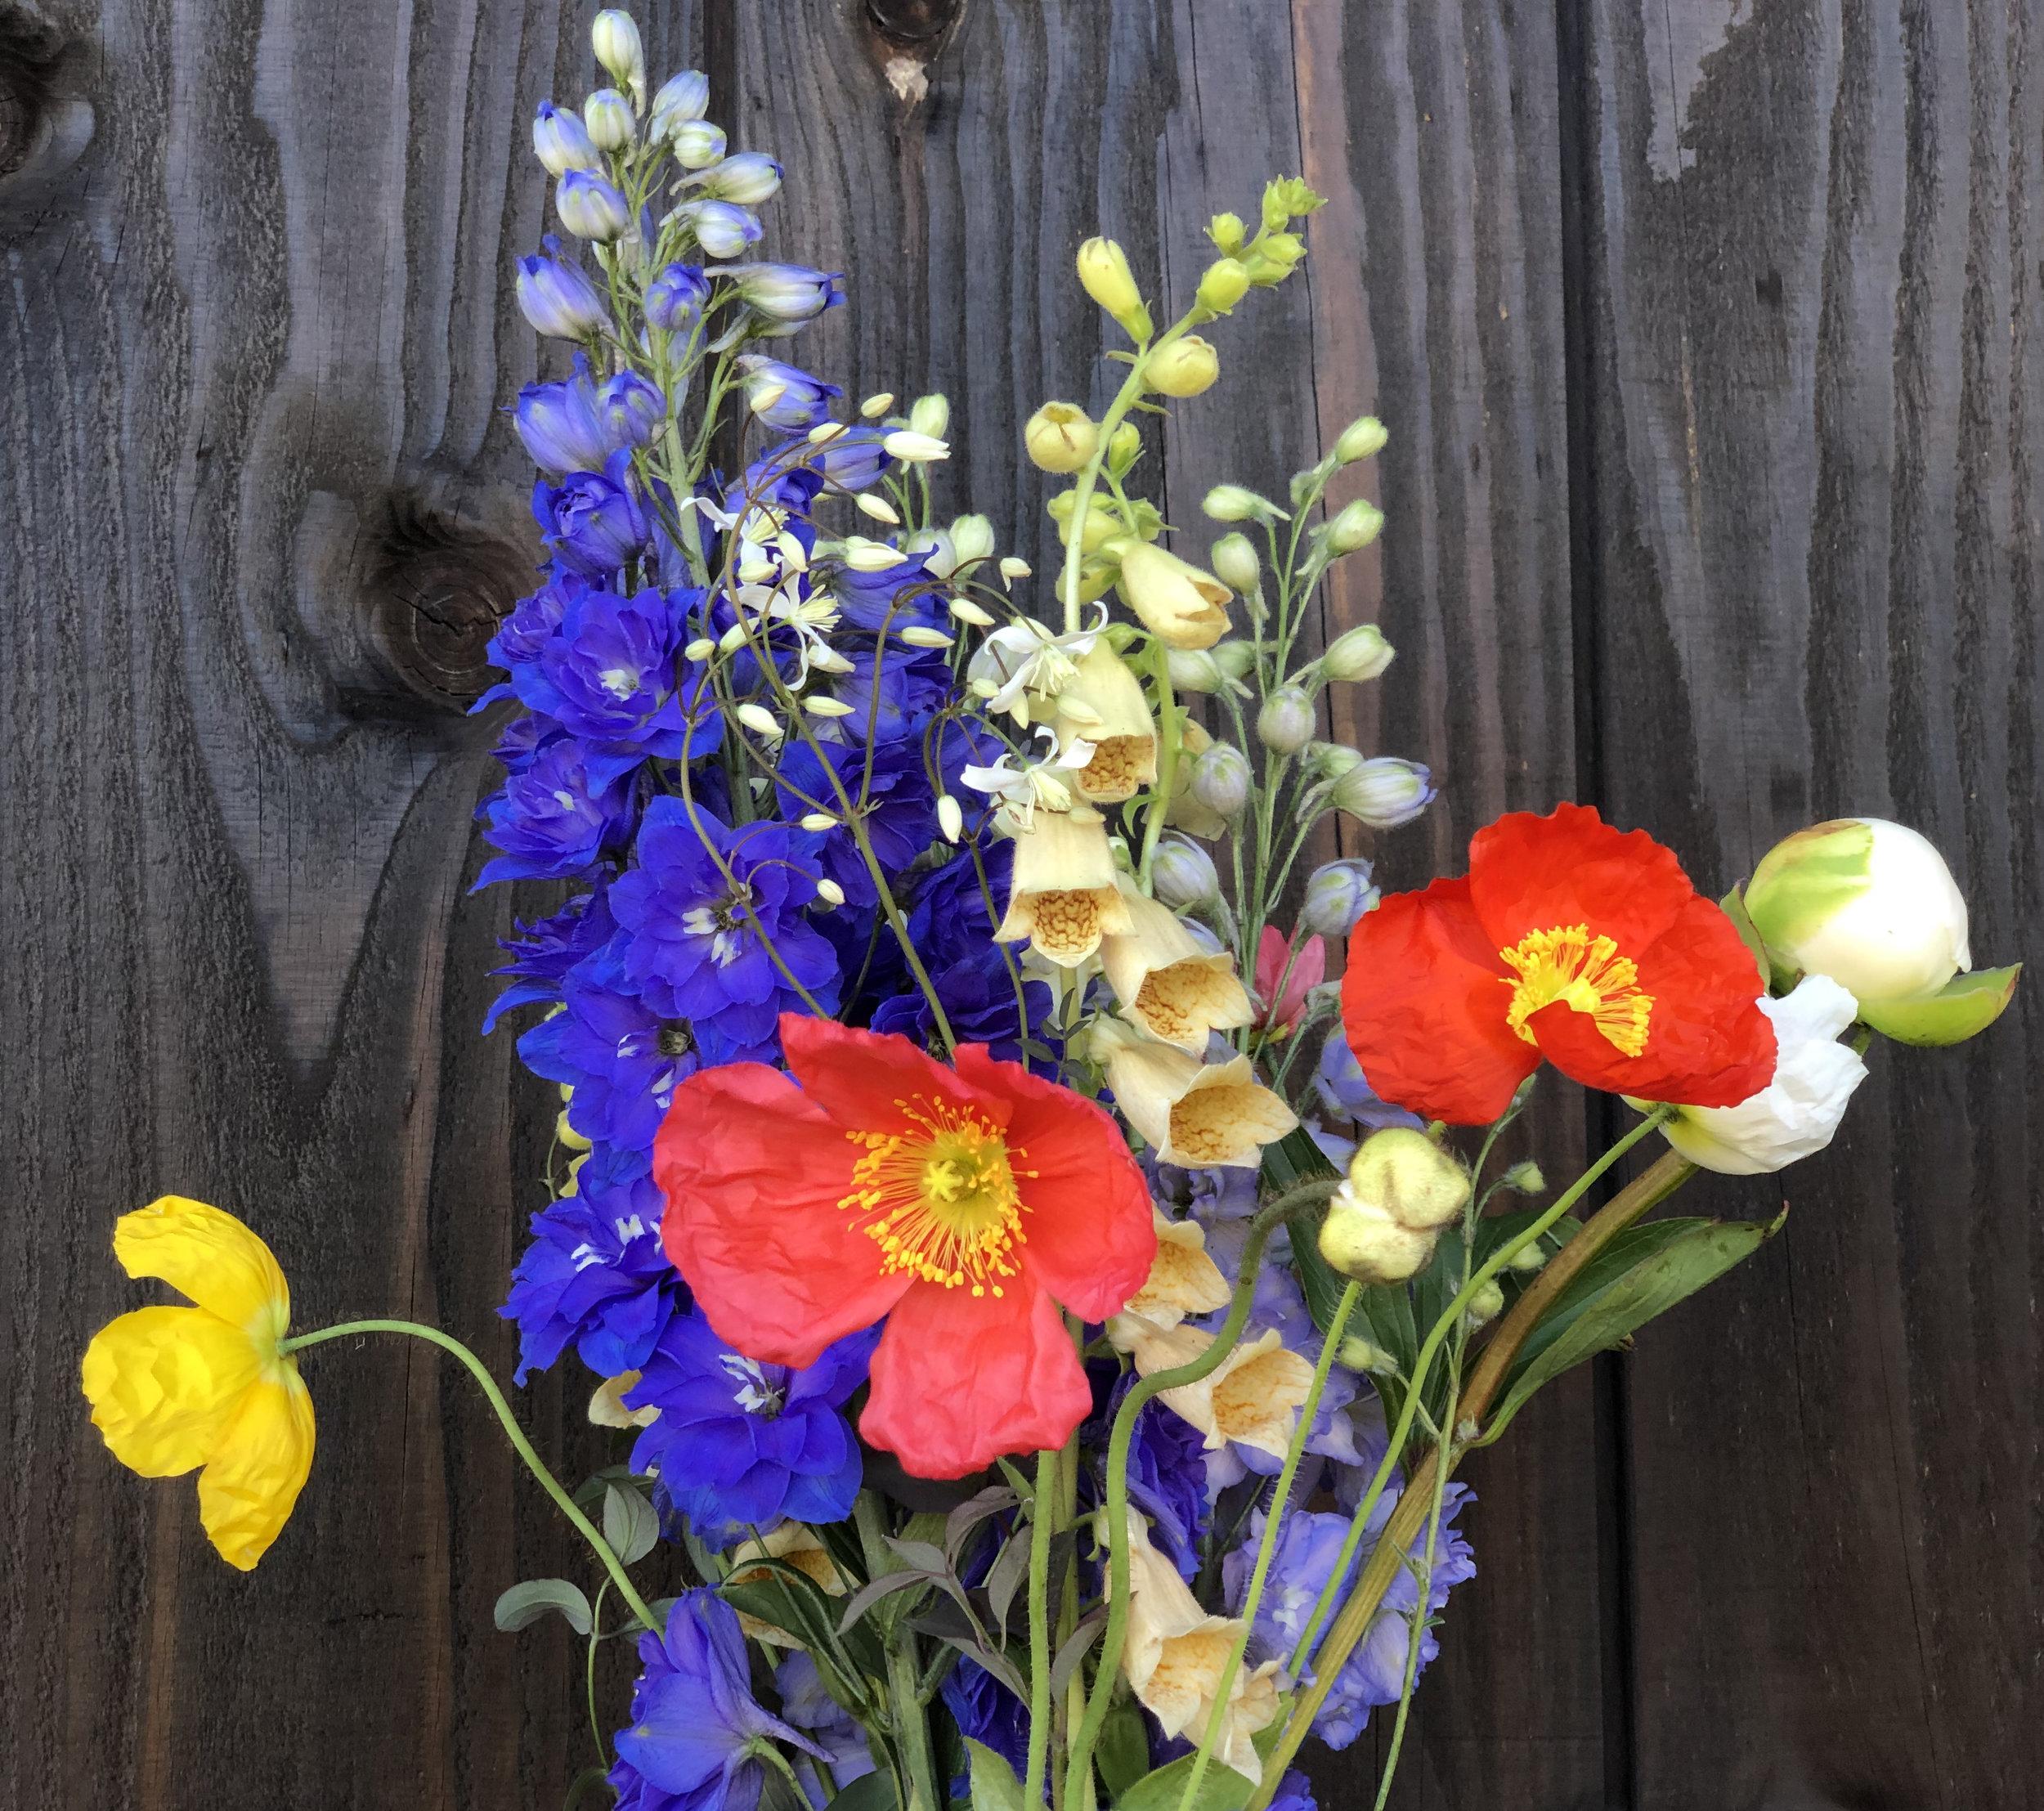 June 13 Bouquet